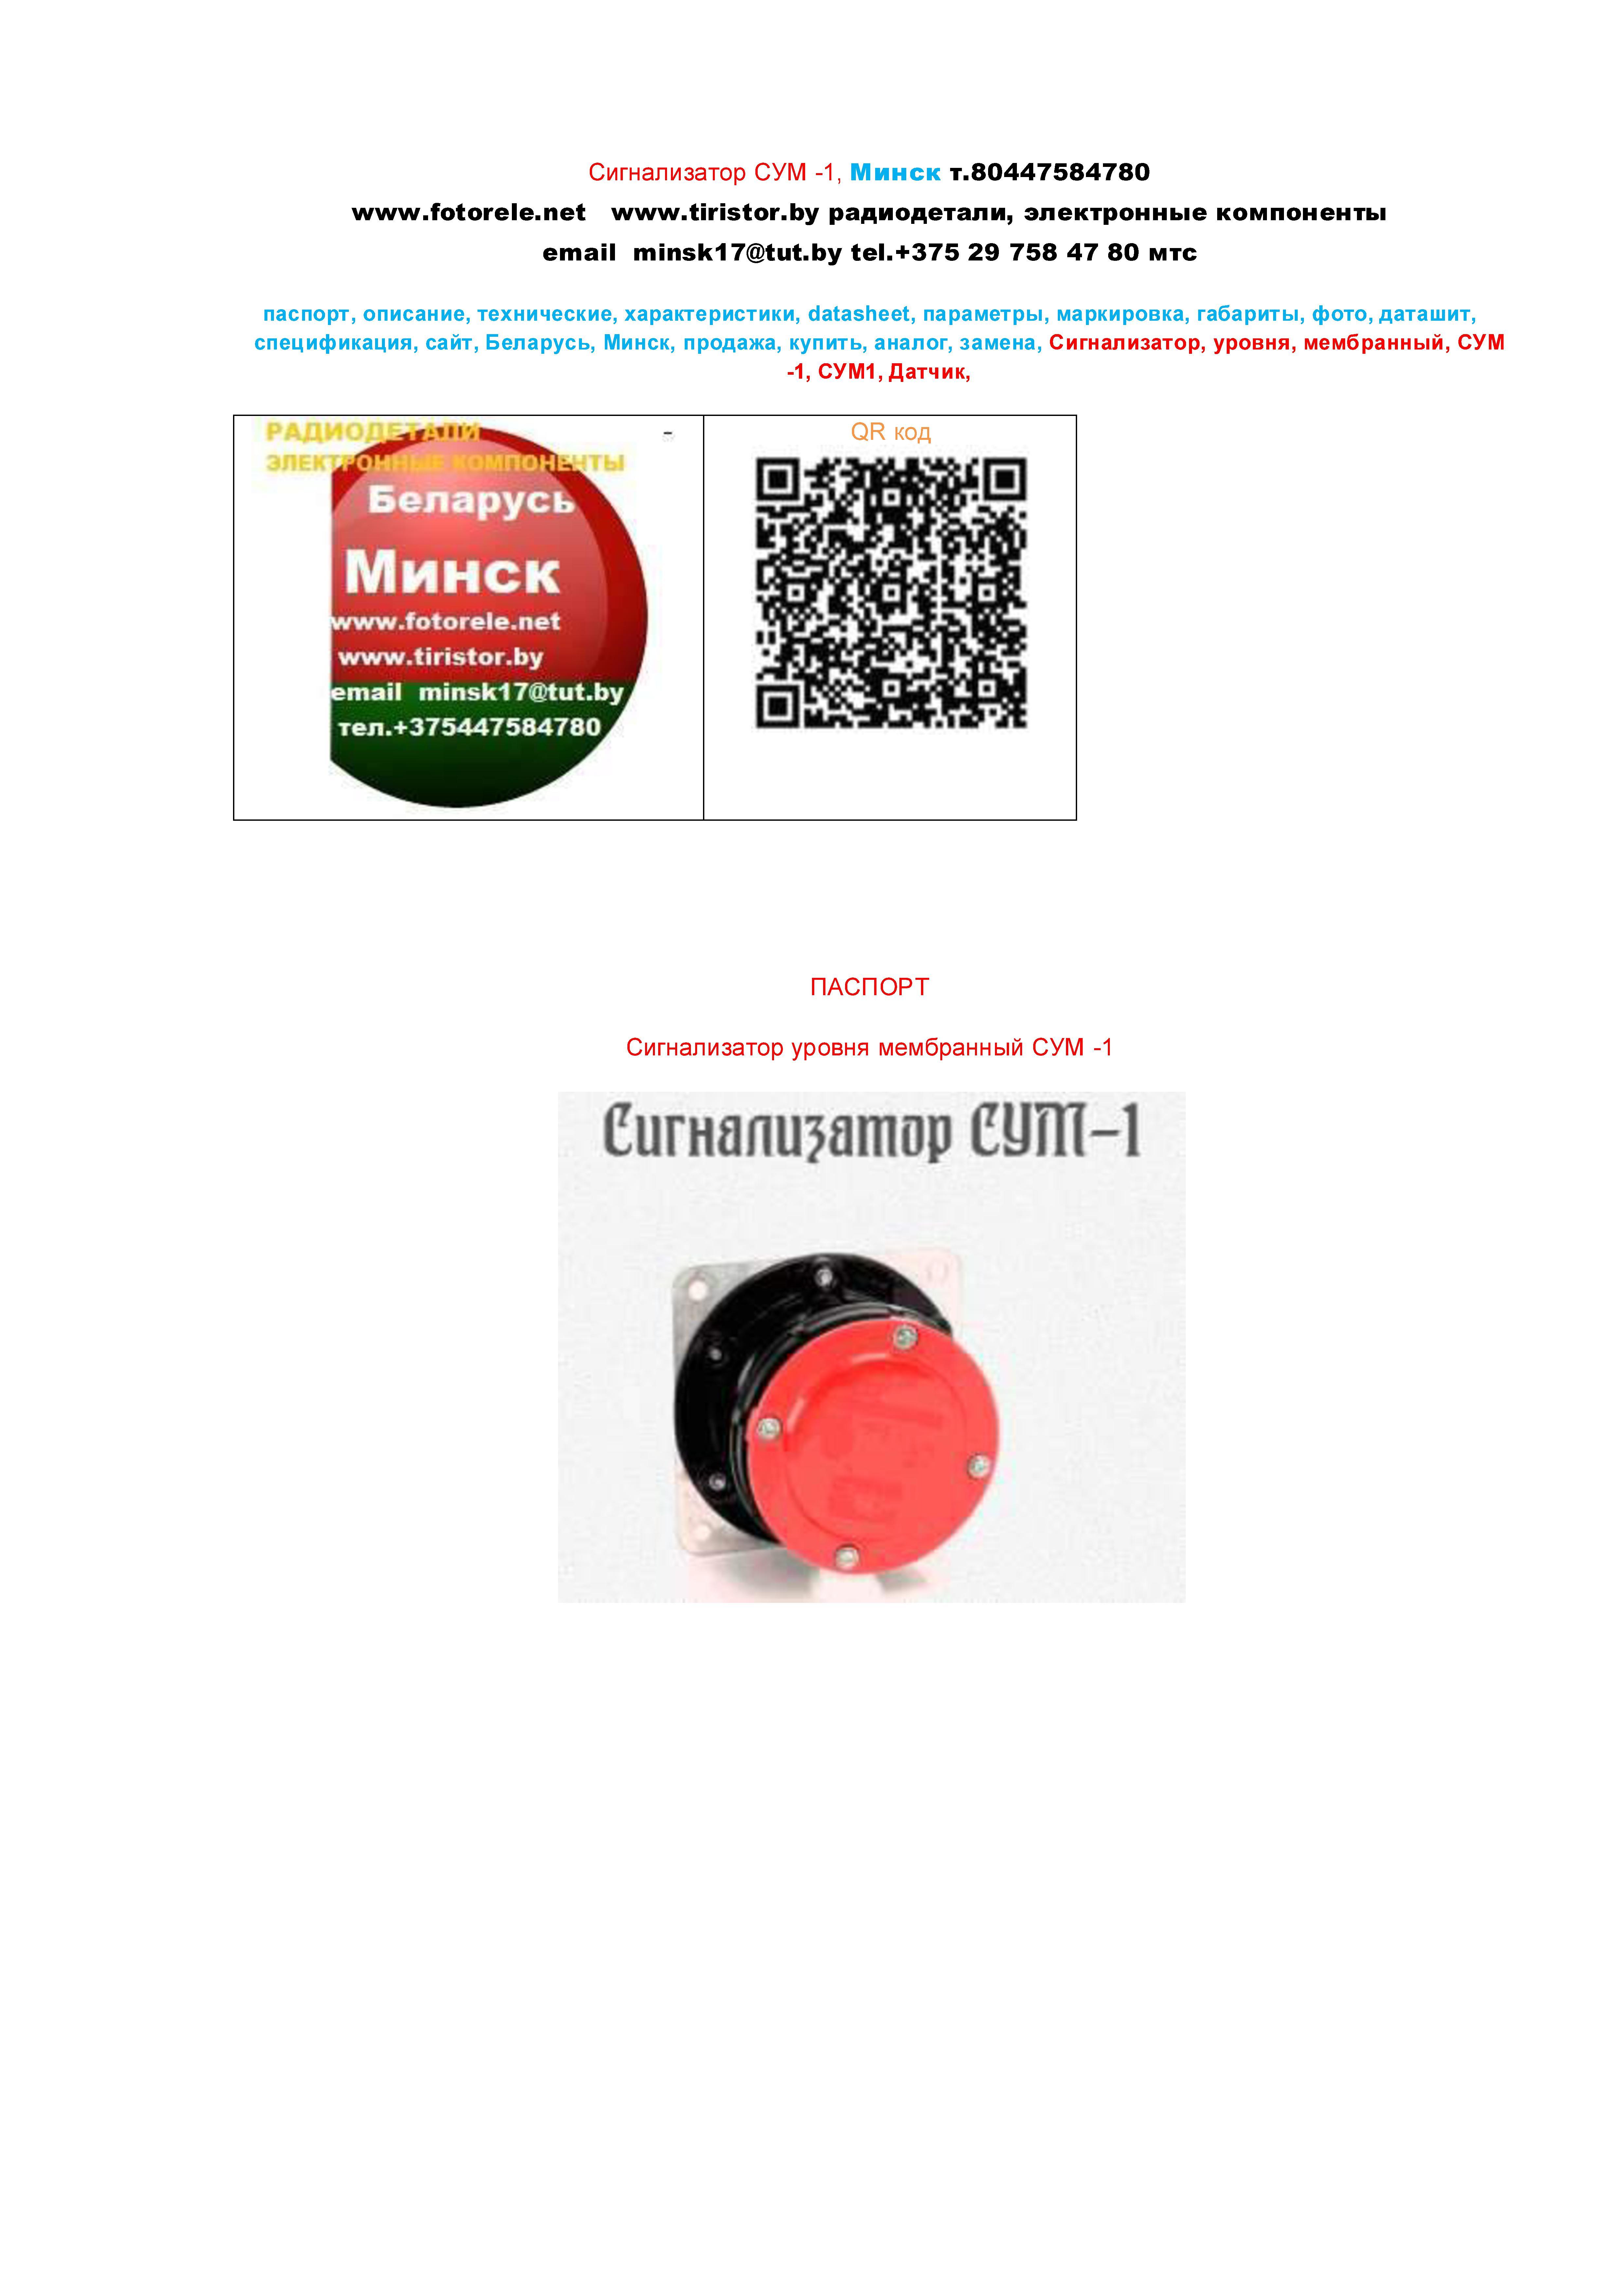 Сигнализатор, уровня, мембранный, СУМ -1, СУМ1, Датчик